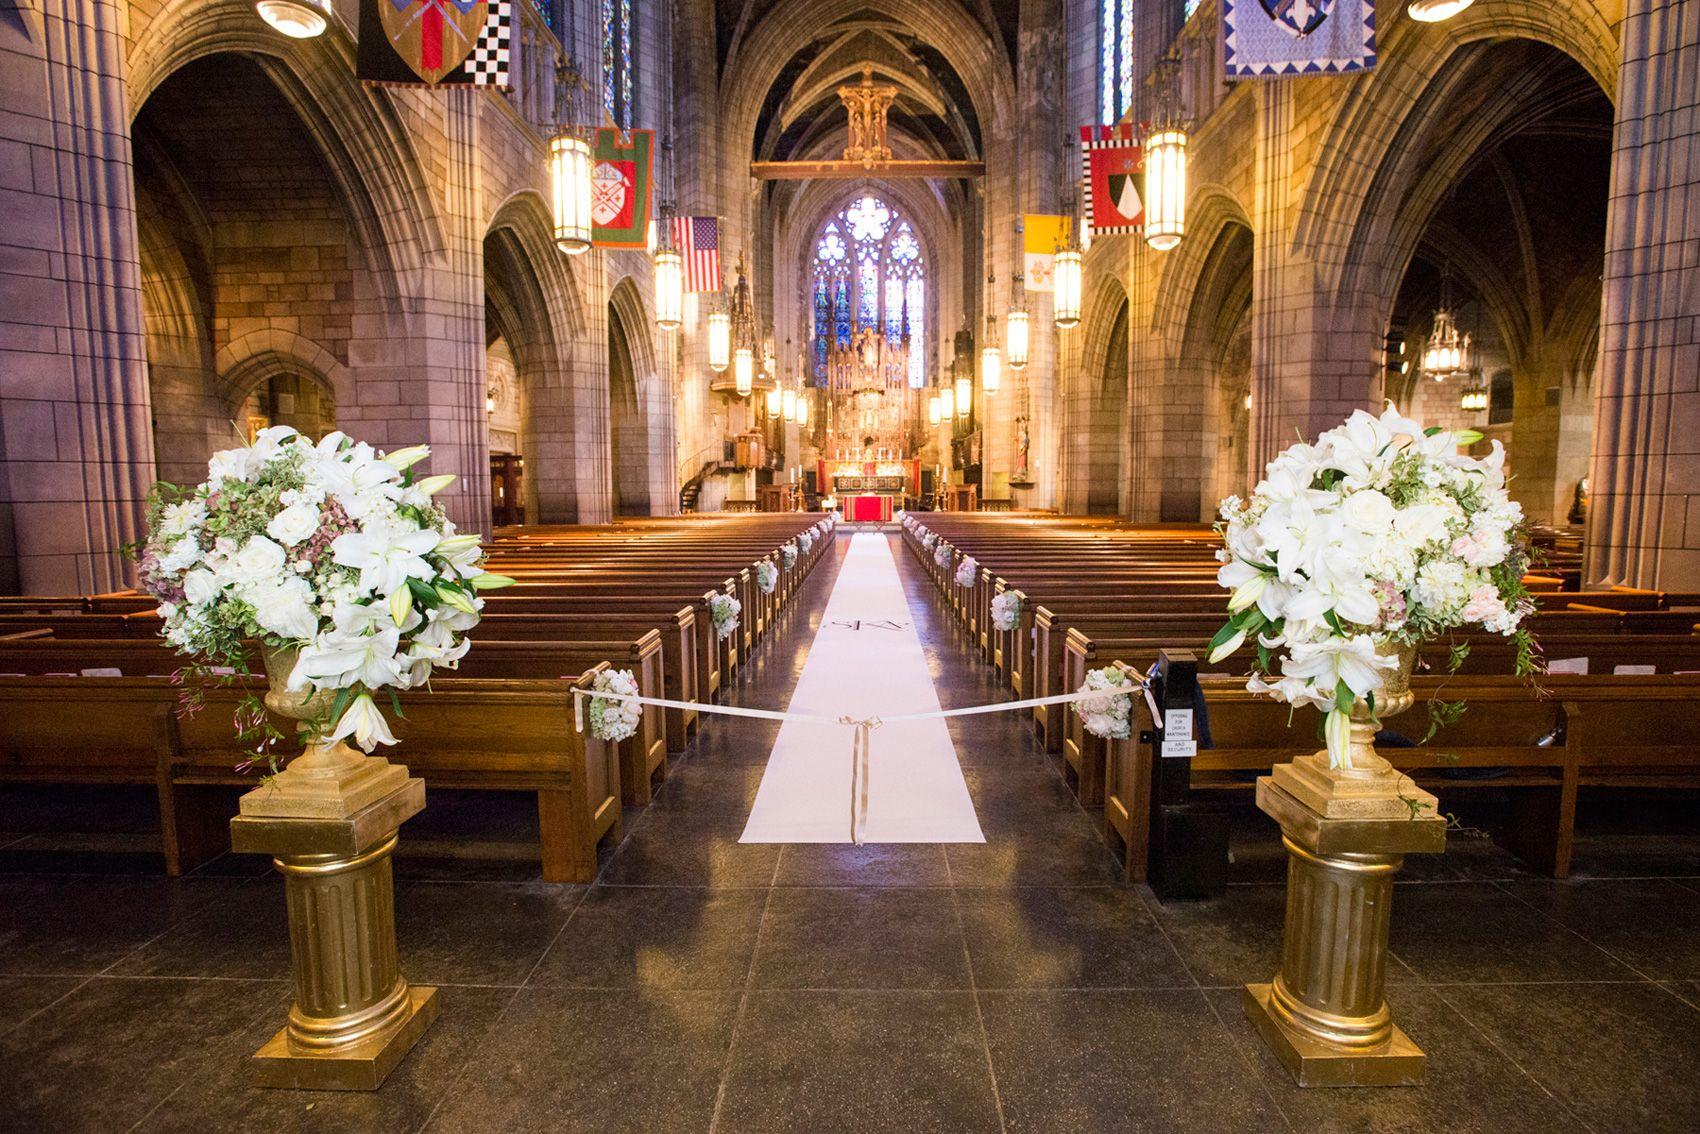 Church Decorations For Wedding Ceremony Valoblogi Com